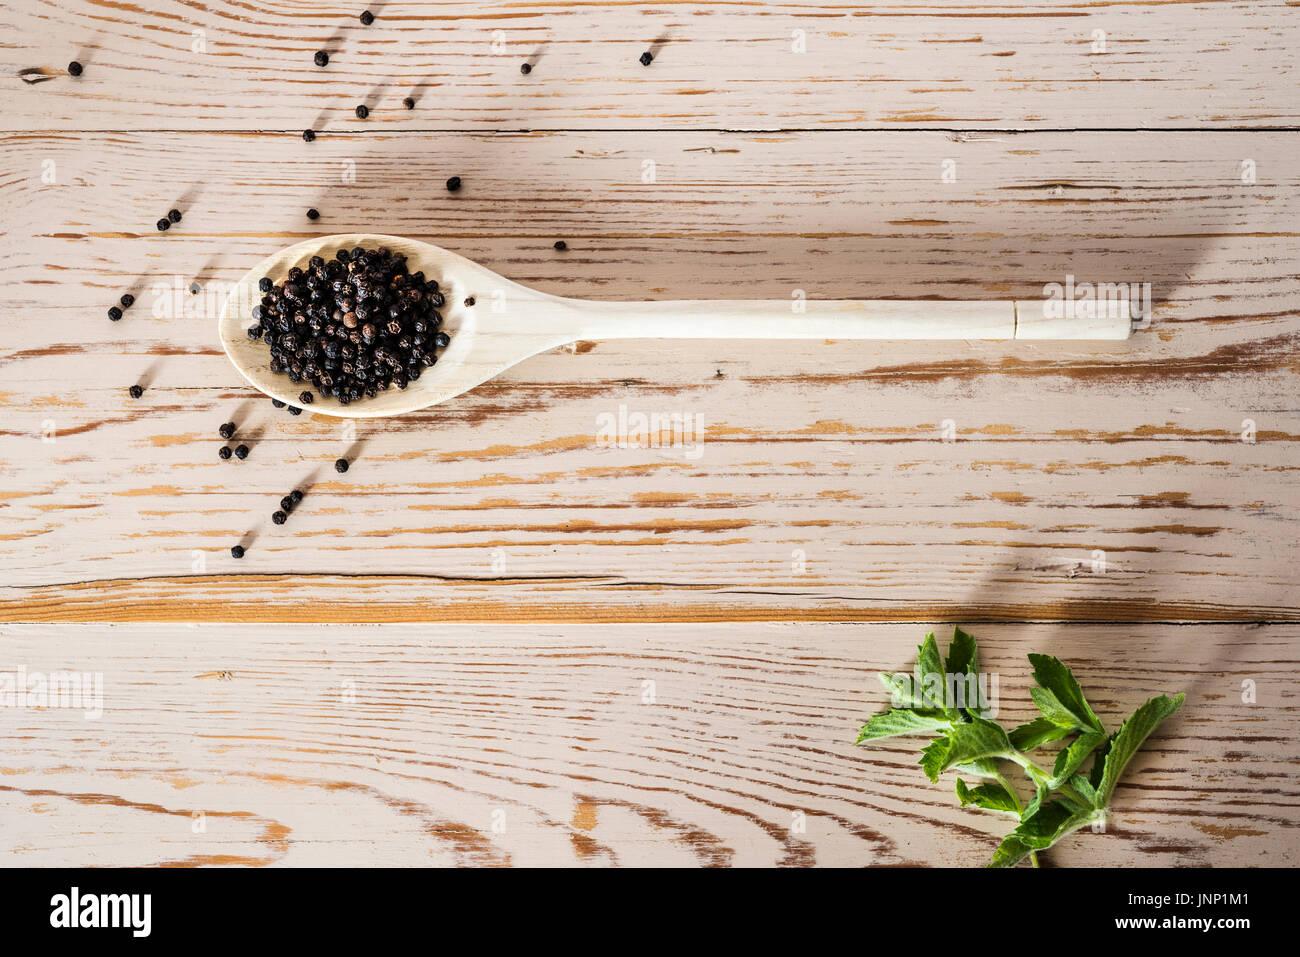 Coup de frais généraux de cuillère en bois sur la table en détresse, avec le poivre noir. Photo Stock